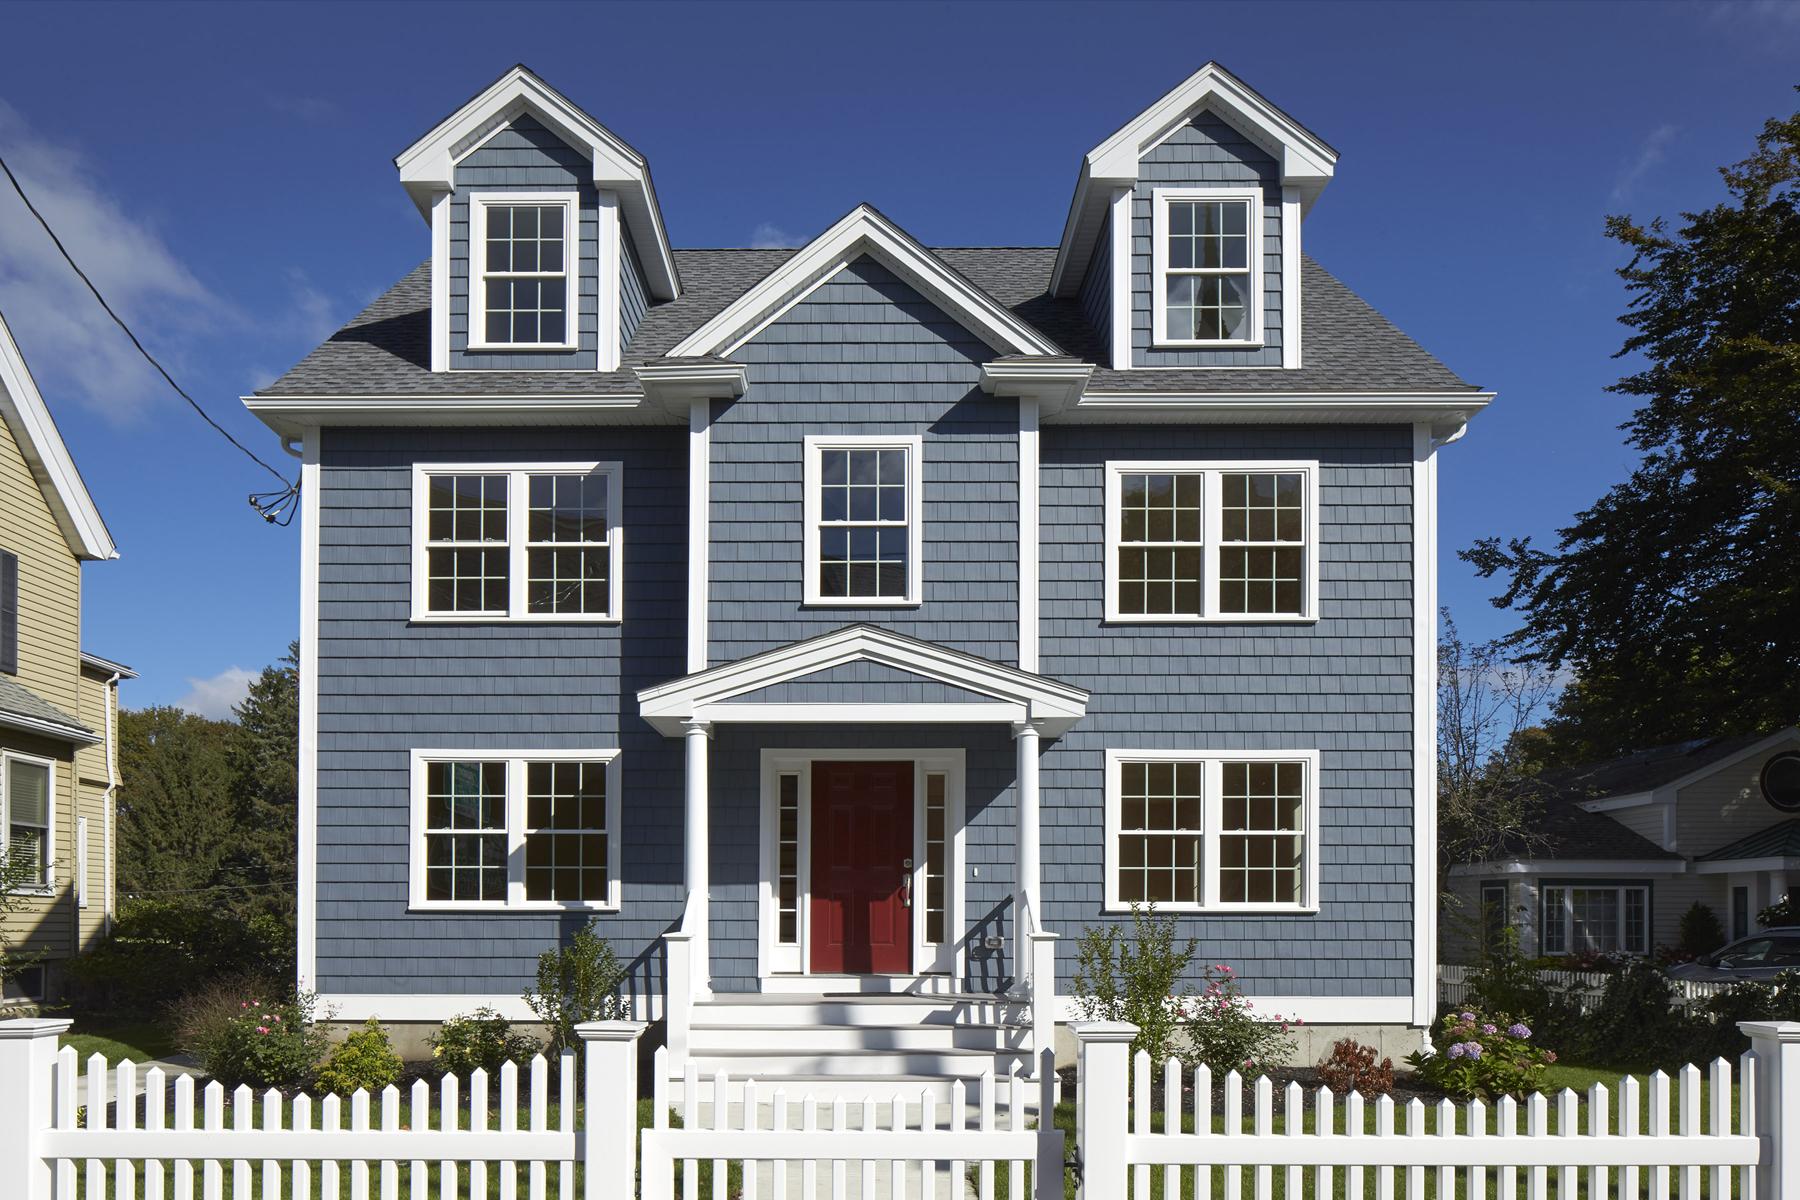 獨棟家庭住宅 為 出售 在 13 Chestnut Street - Arlington, MA 13 Chestnut Street Unit 1 Arlington, 麻塞諸塞州, 02474 美國